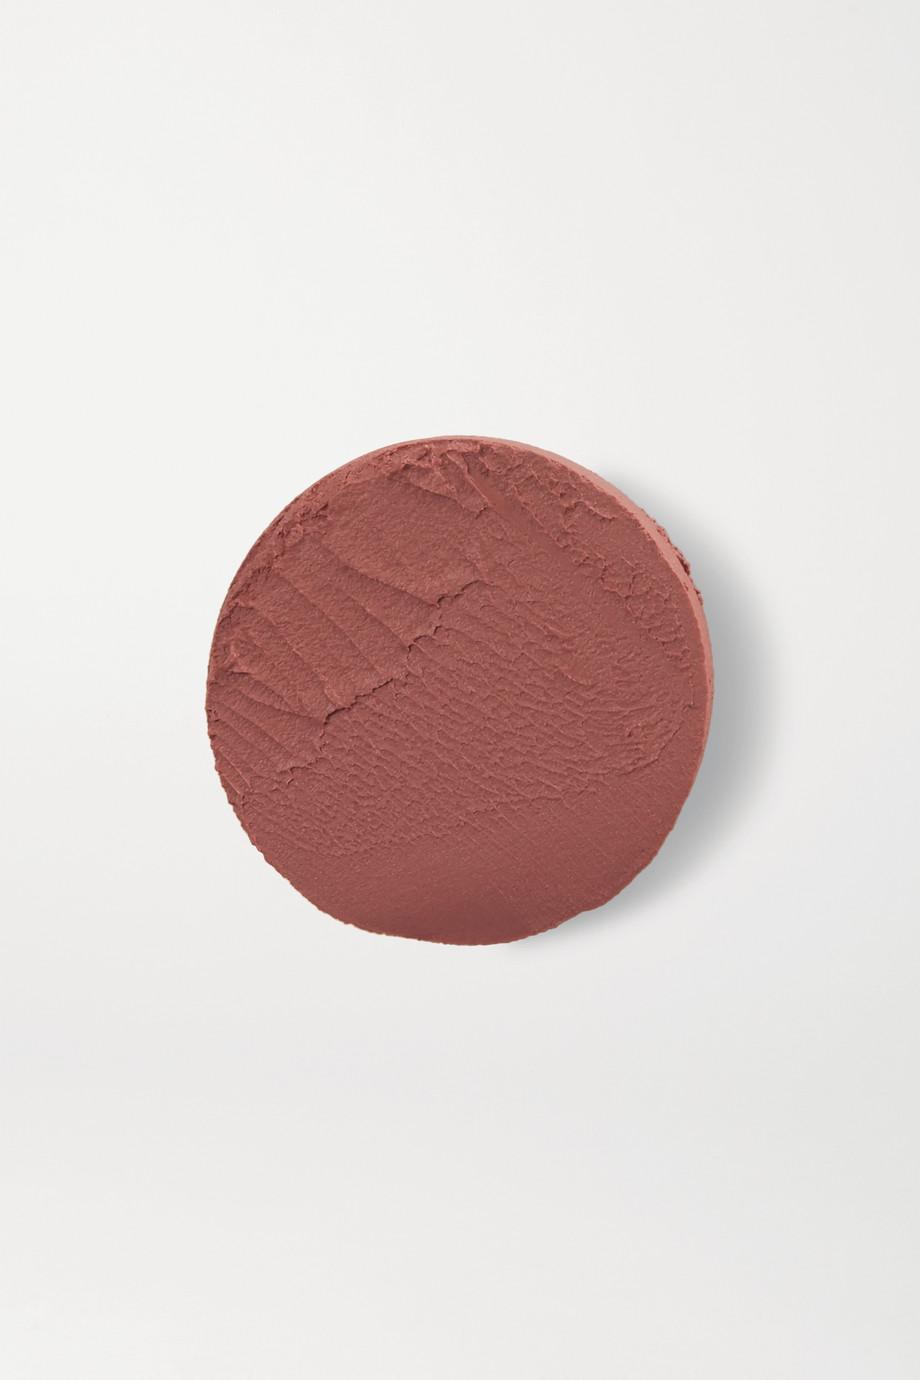 Gucci Beauty Rouge à Lèvres Mat Lipstick - The Painted Veil 201